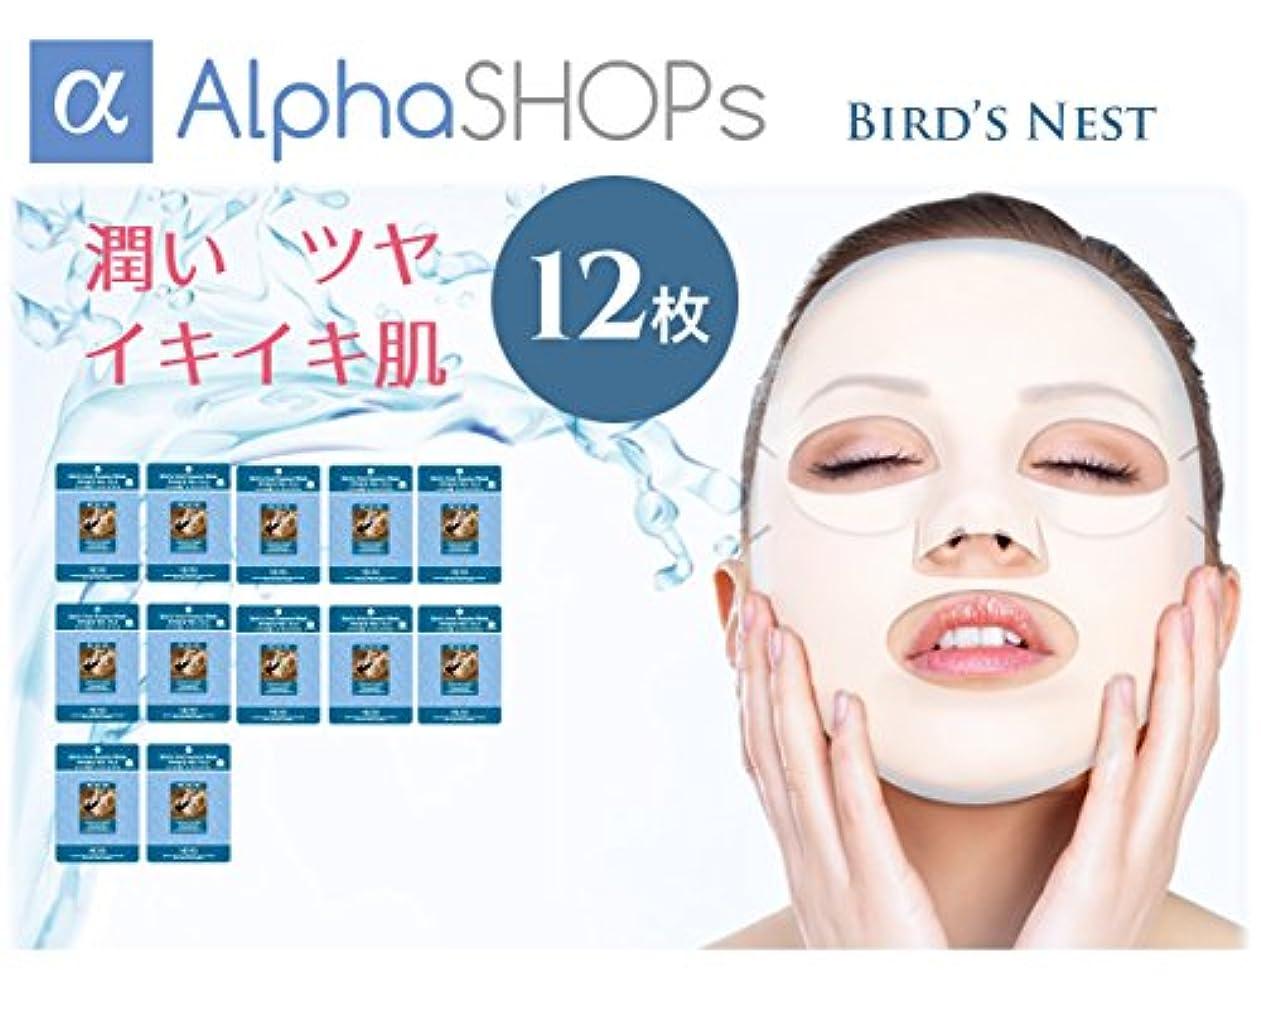 豆腐拒否十12枚セット アナツバメの巣 エッセンスマスク 韓国コスメ MIJIN(ミジン)